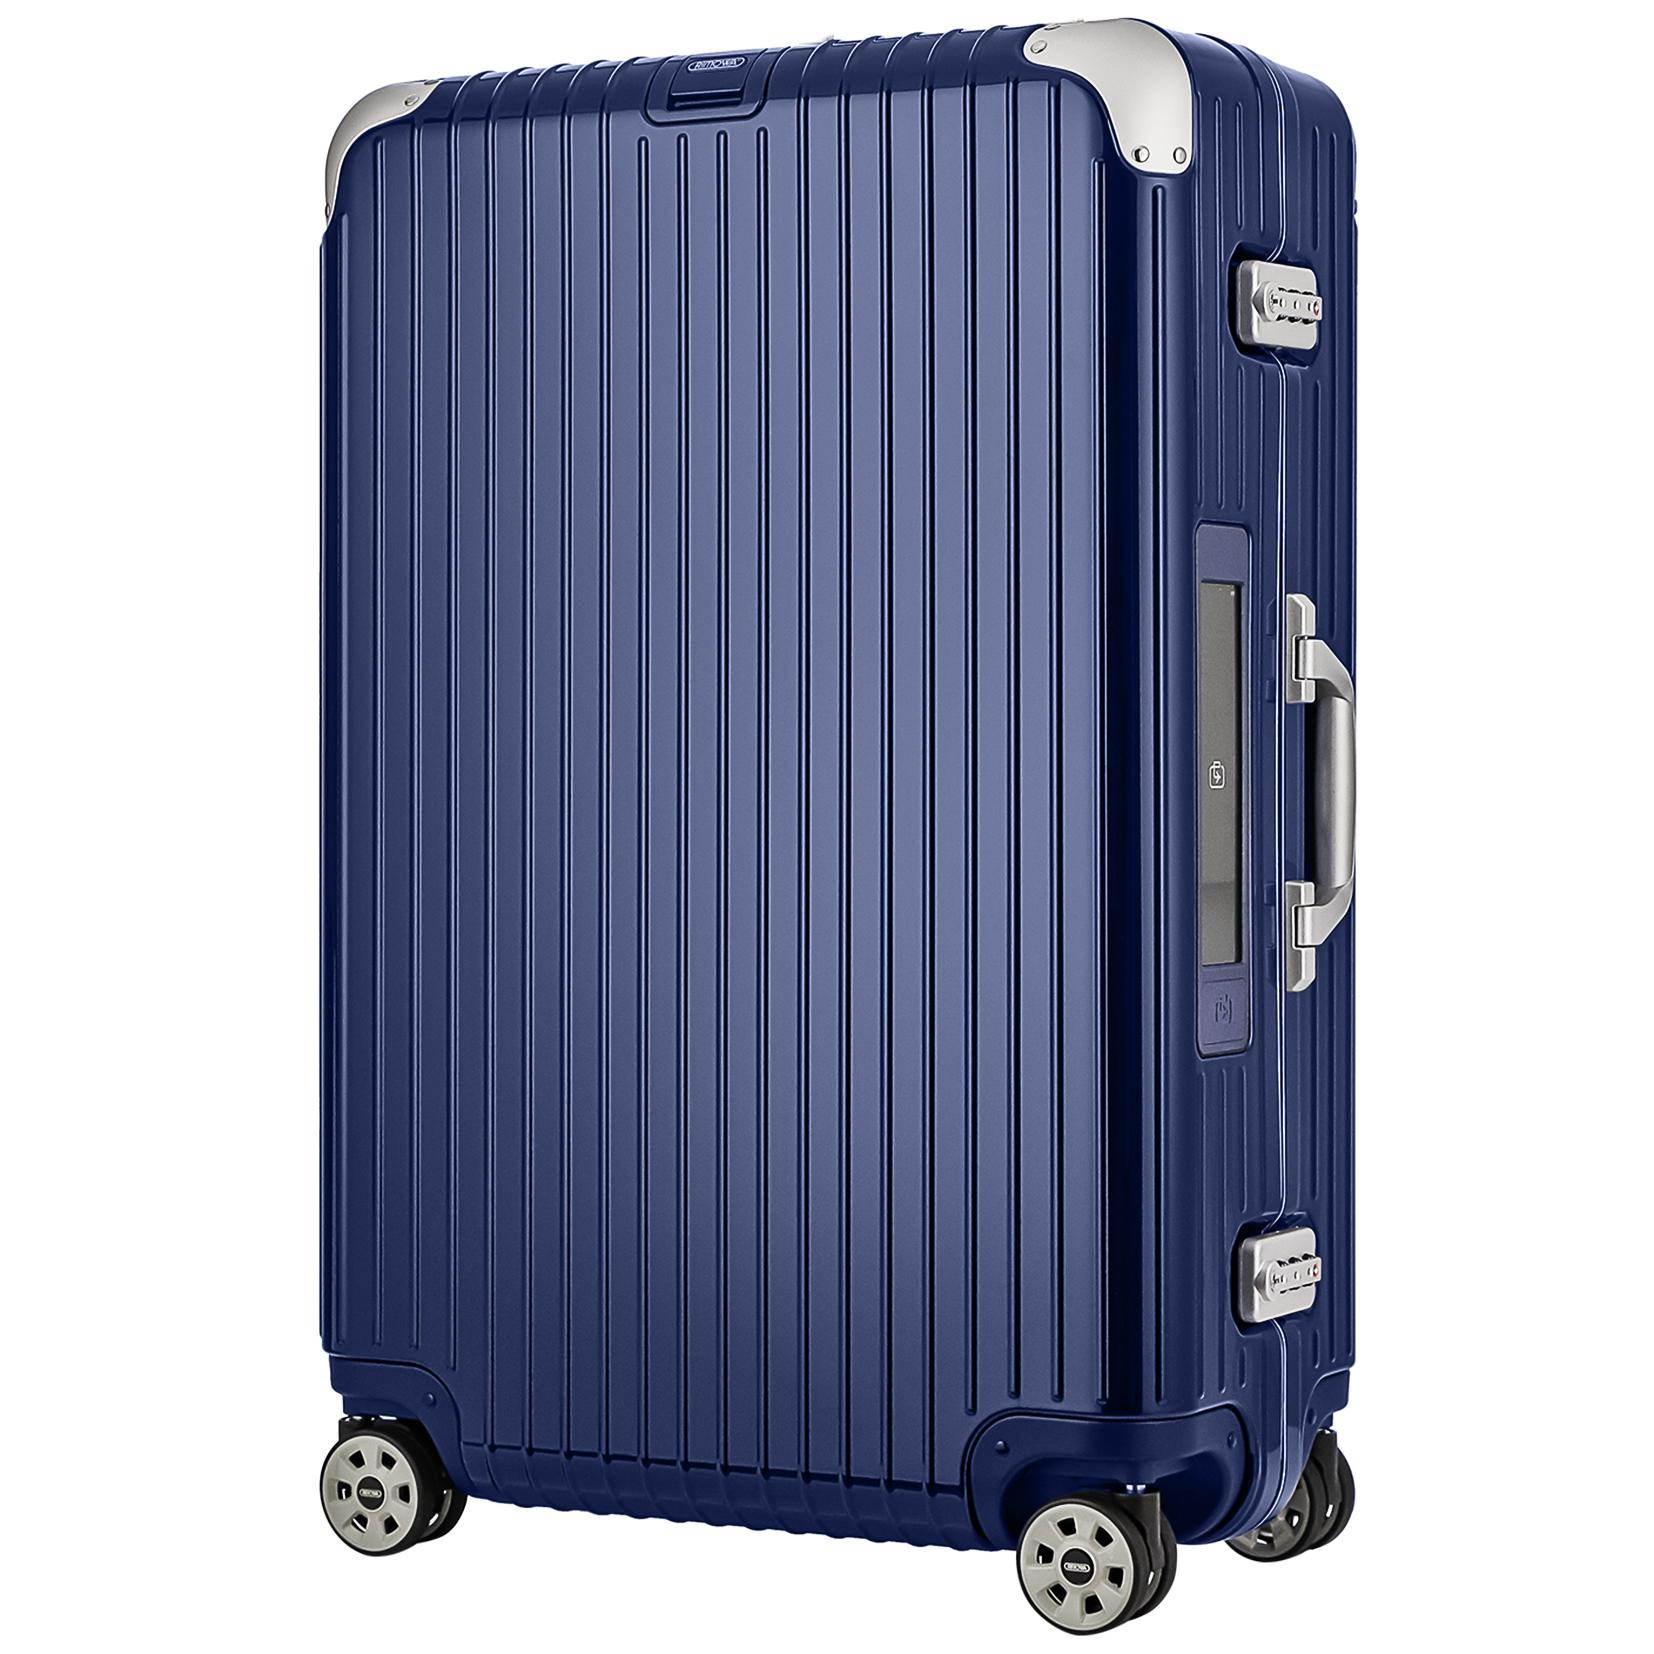 【お取り寄せ】【送料無料】リモワ RIMOWA スーツケース リンボ 882.73.21.5 75L 6.5kg ブルー 4泊~7泊 TSAロック 機内持ち込み不可